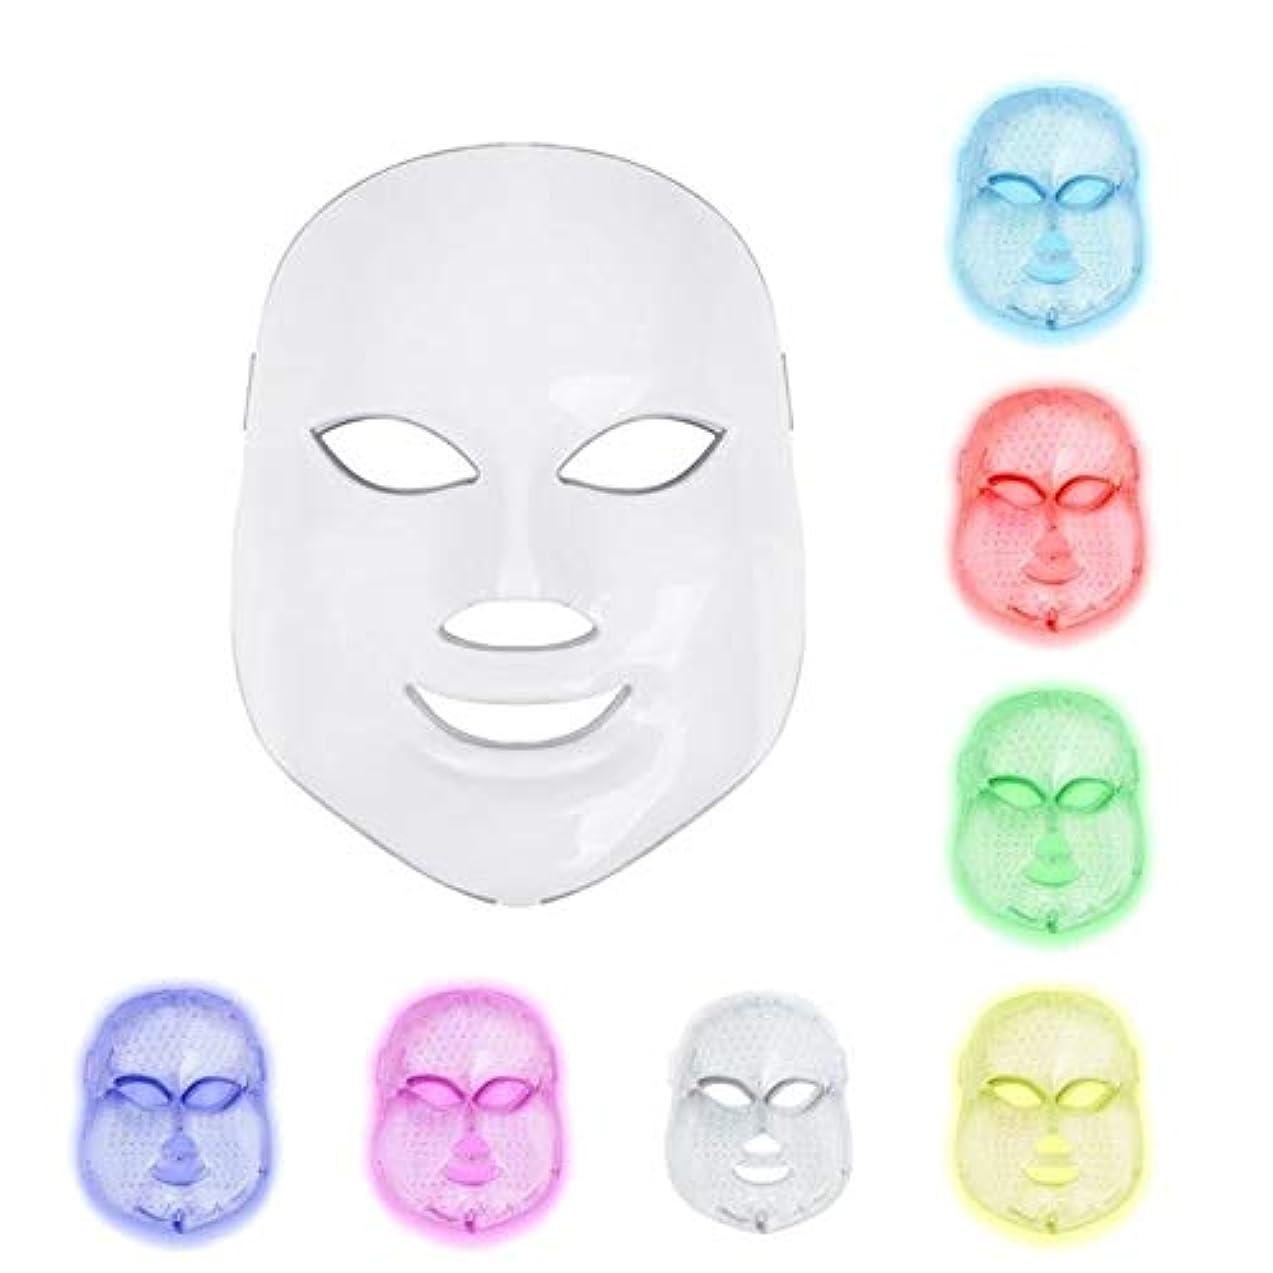 実現可能故障チャップLed光子療法7色光治療肌の若返りにきびスポットしわホワイトニング美顔術デイリースキンケアマスク